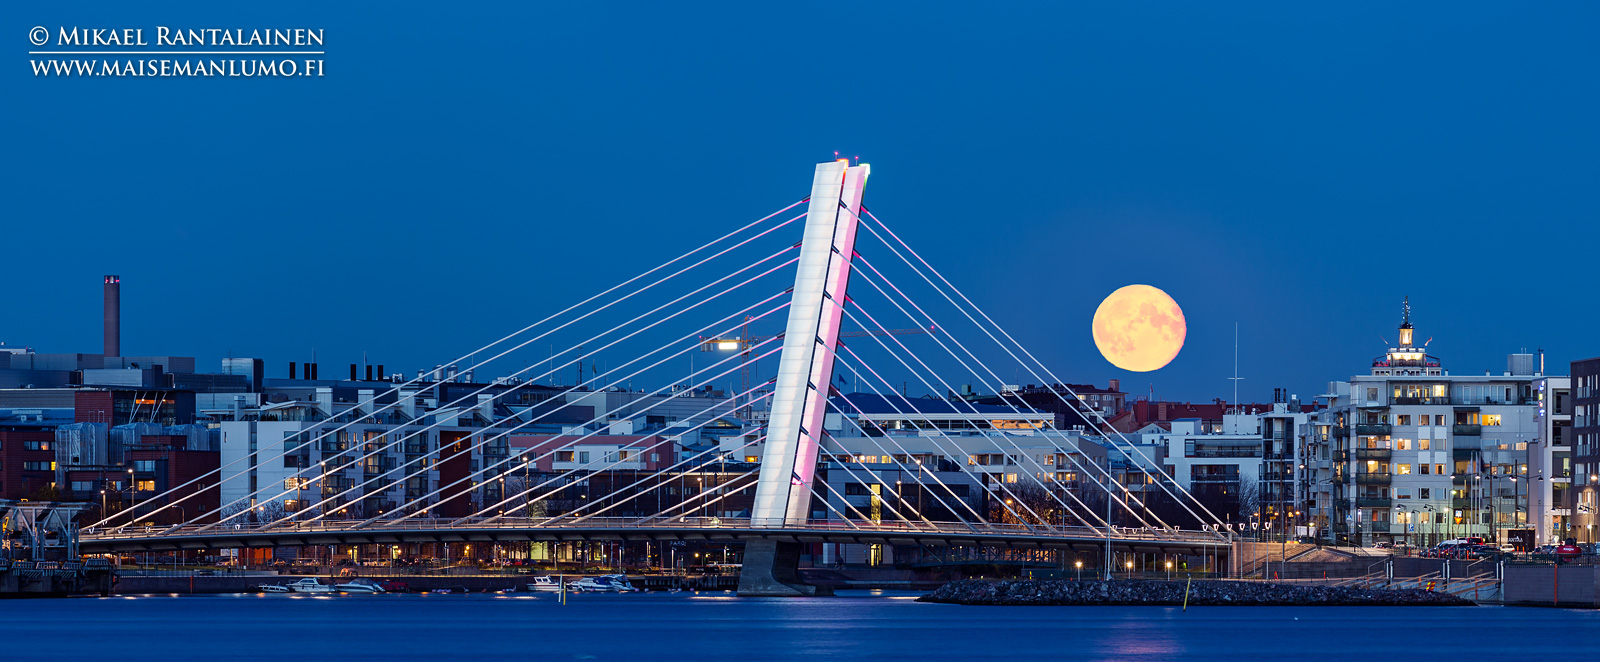 Crusellin silta, Helsinki (panoraama ja exposure blend, 400 mm, pisin valotus 1/4 sekuntia, jalusta, lankalaukaisin, Live View)